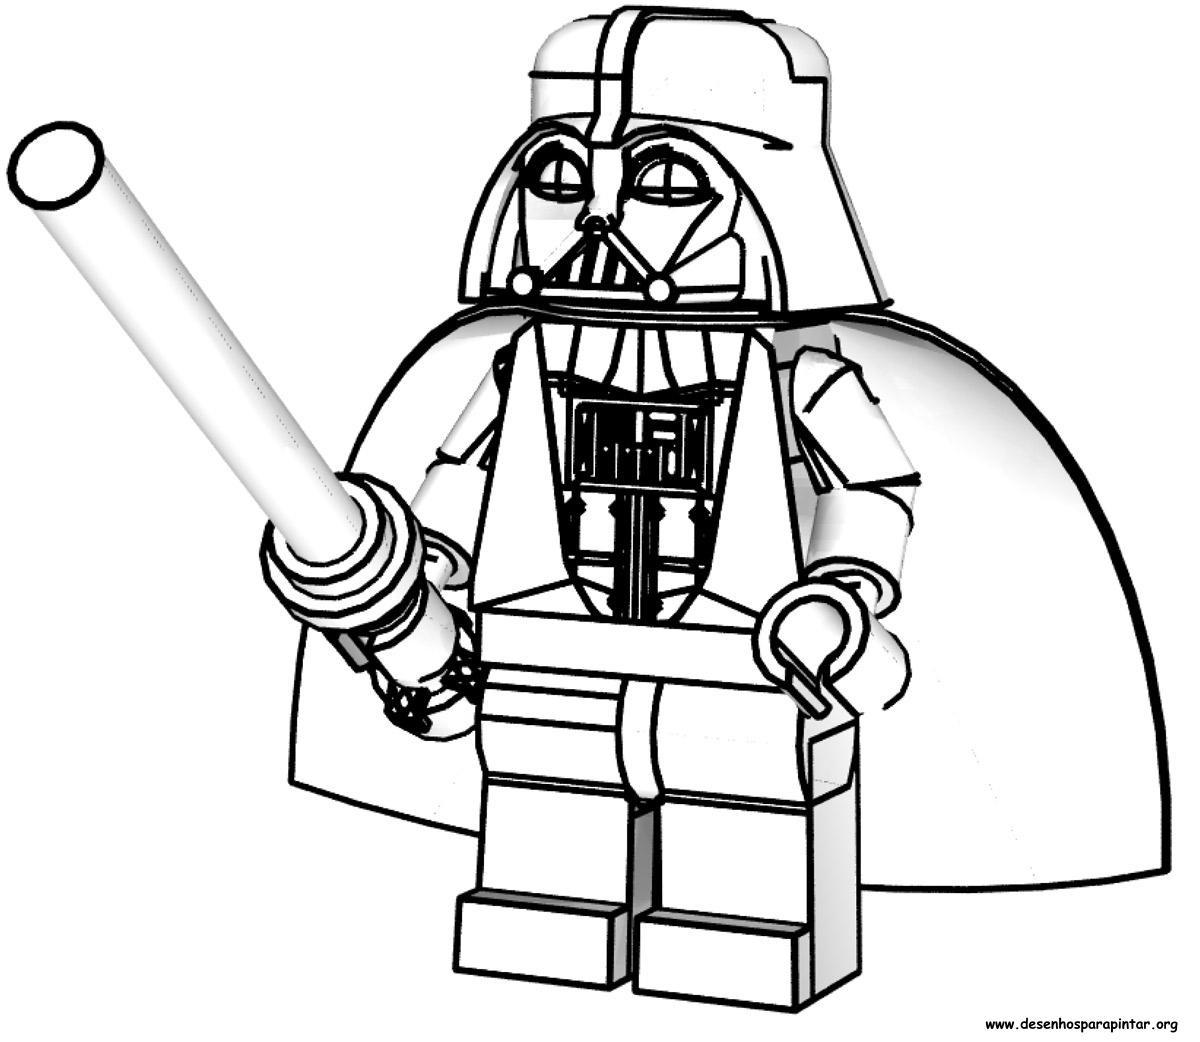 Dibujos Para Colorear De Star Wars 8 picture gallery